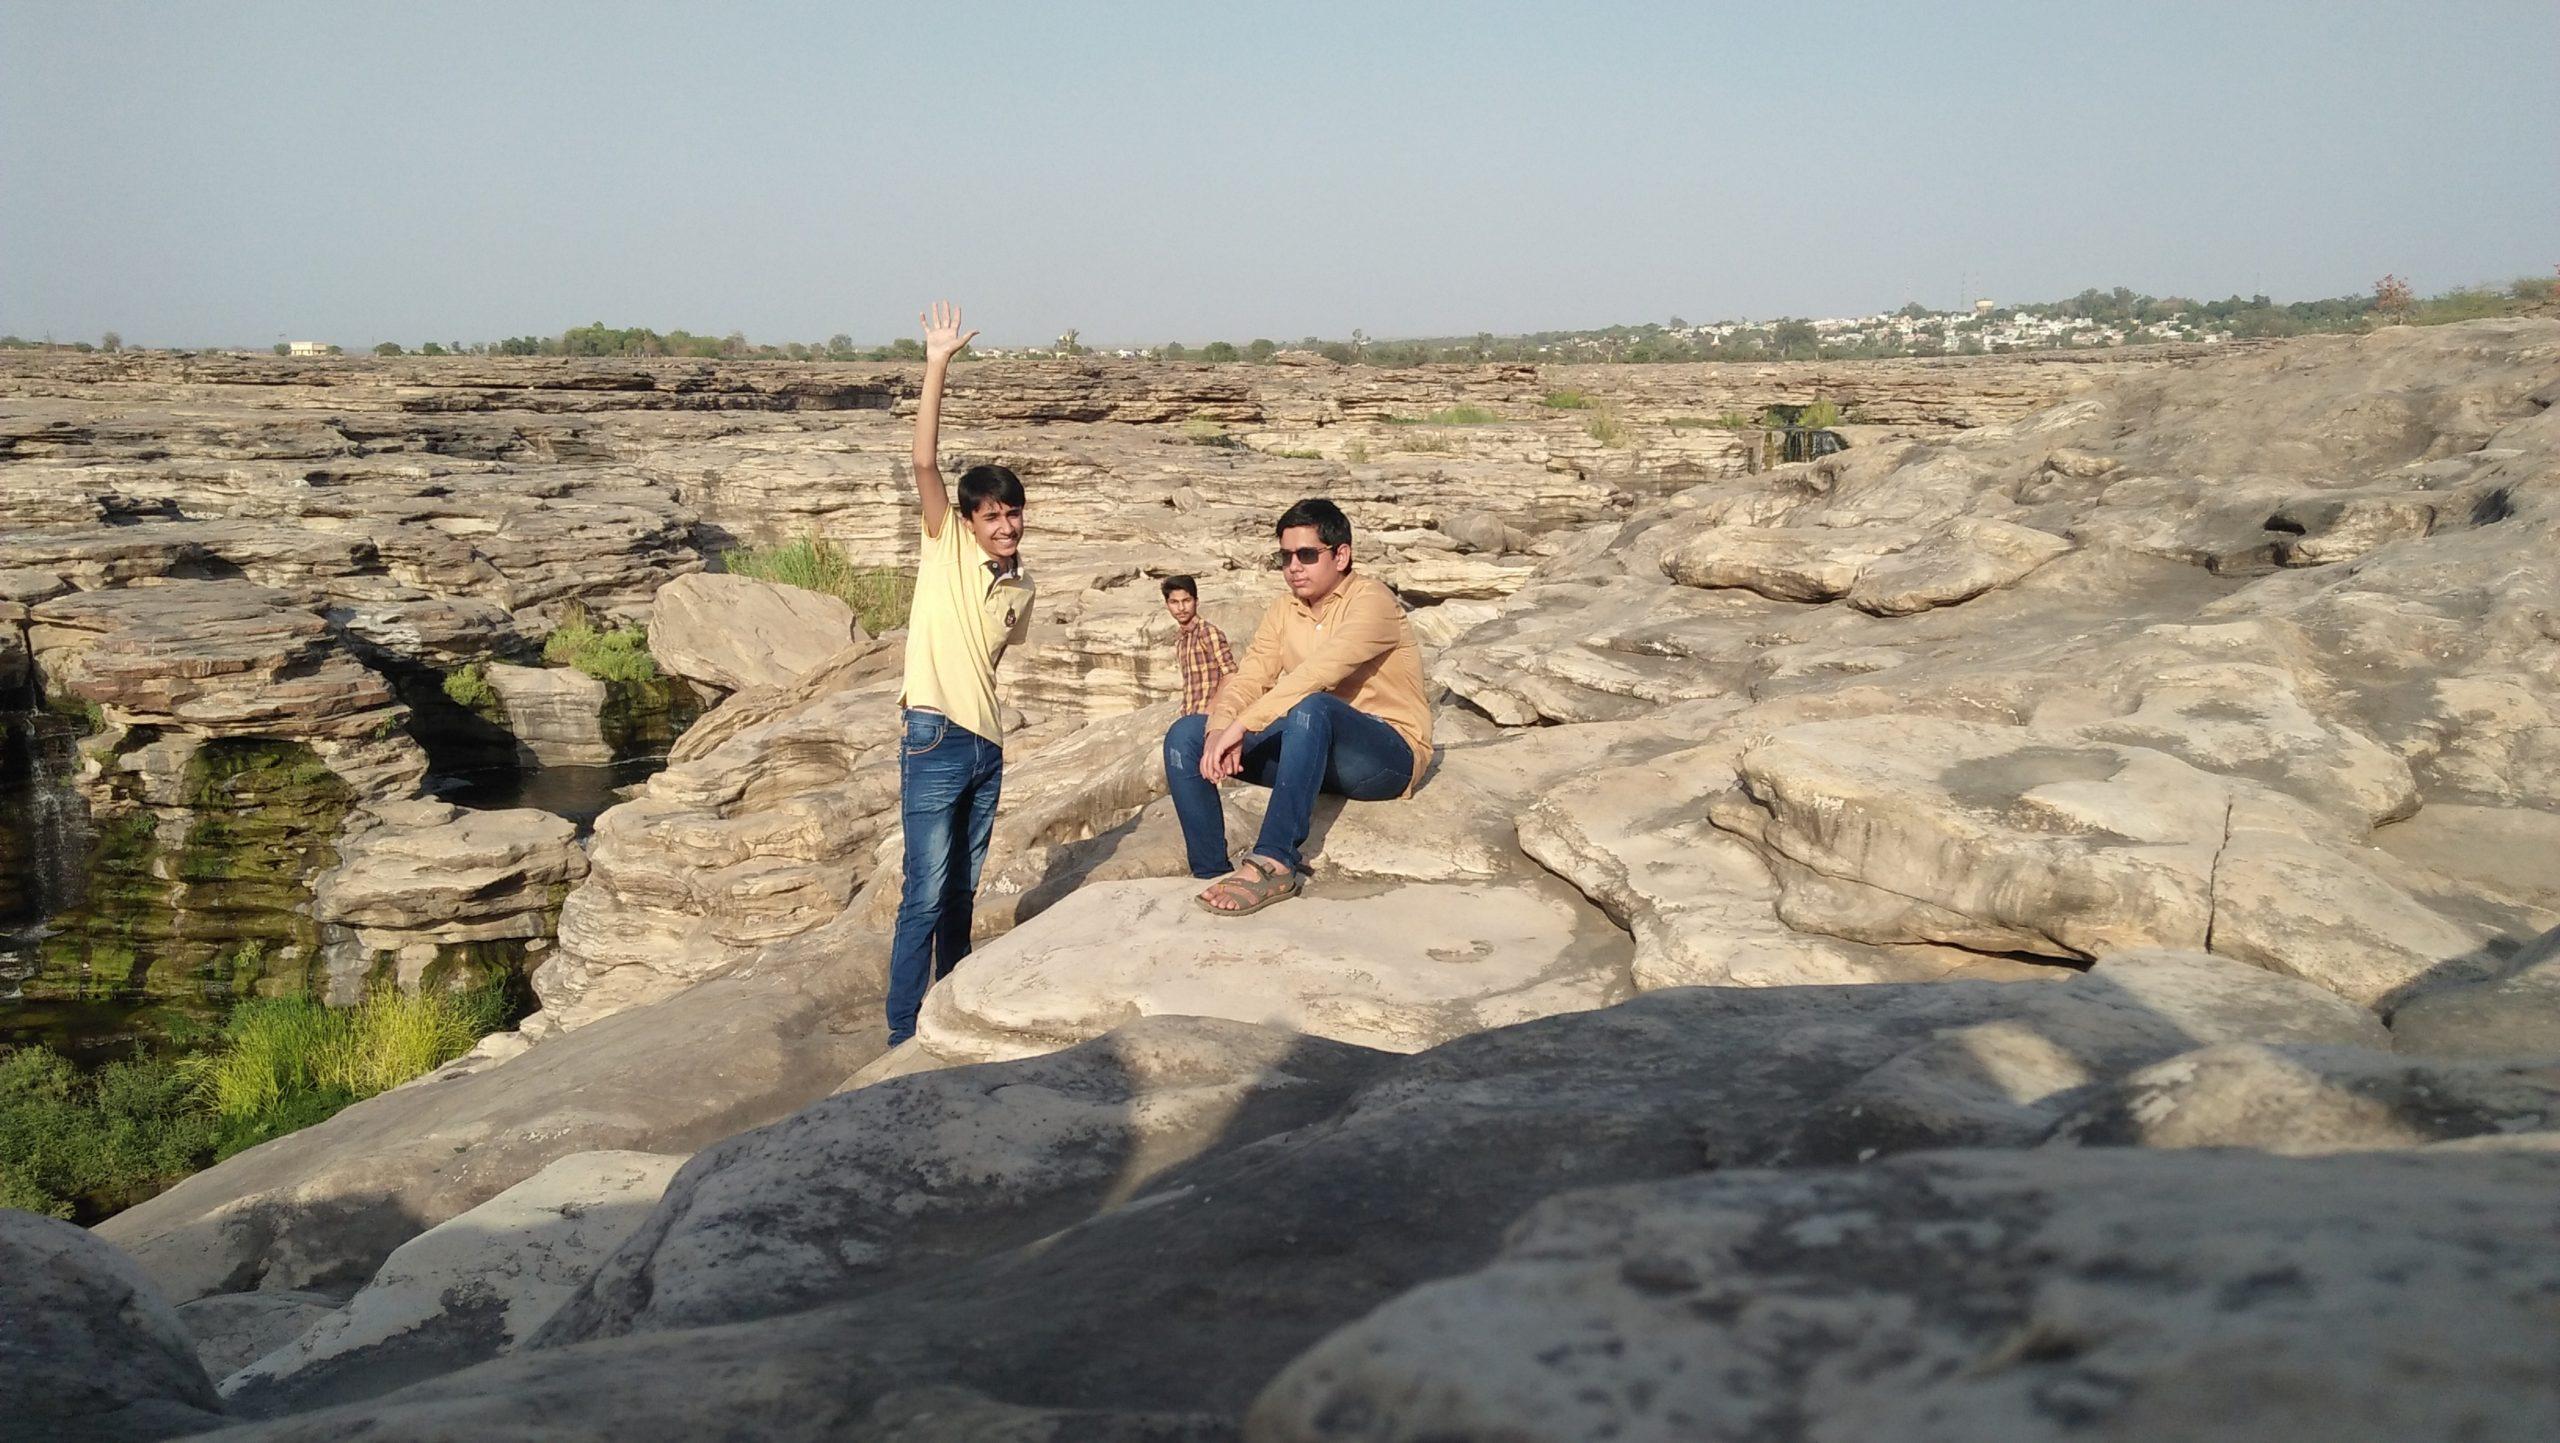 Boys near Chulliya falls rocks in Rajasthan